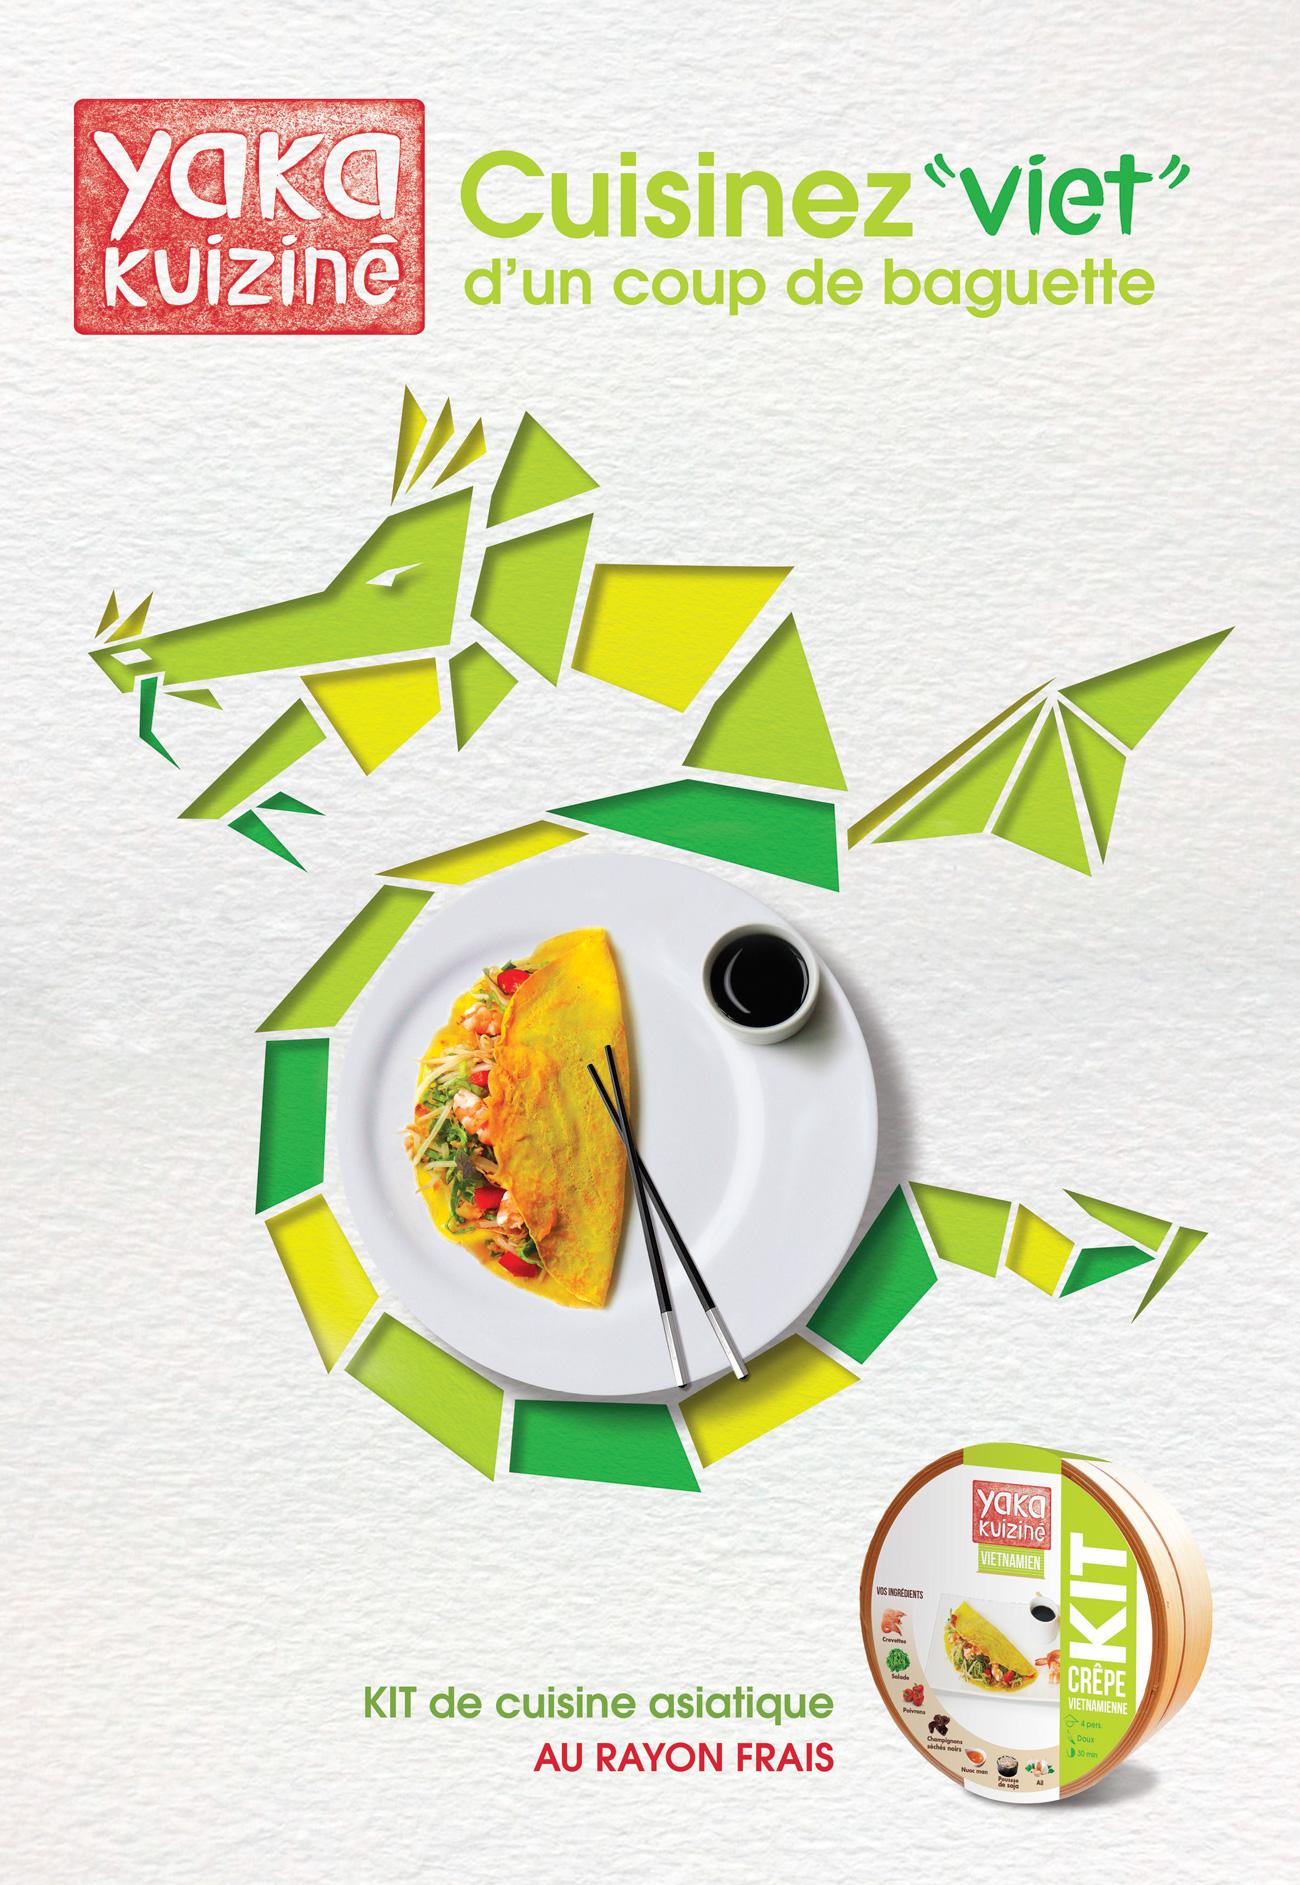 Affiche dragon format sucette plat vietnamien yaka kuiziné